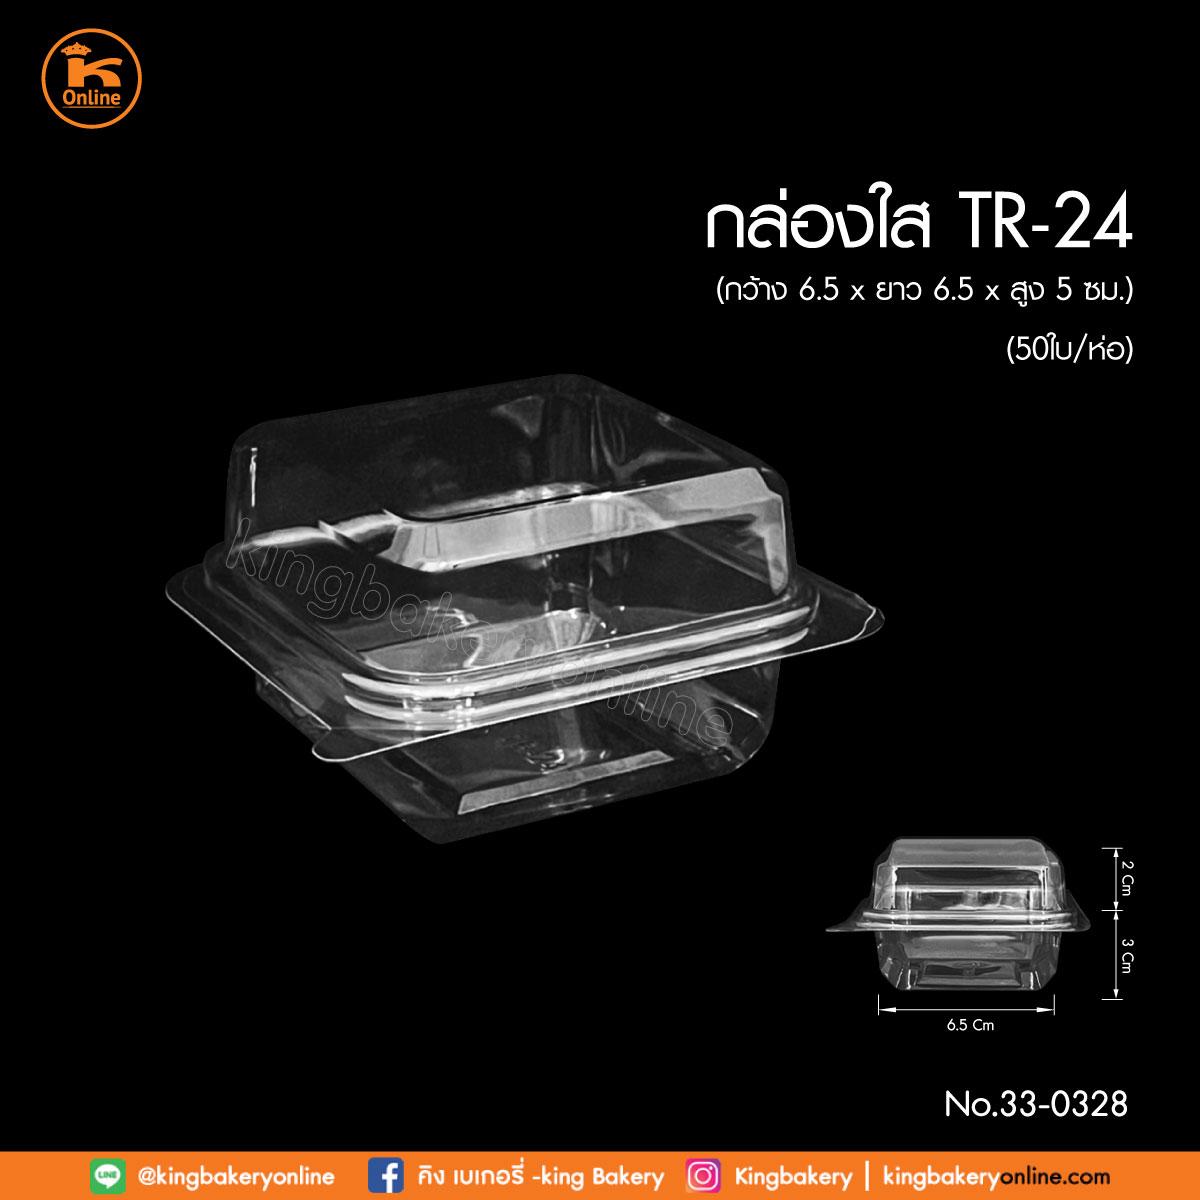 กล่องใส TR-24(1ลังx40ห่อ)50ใบ/ห่อ